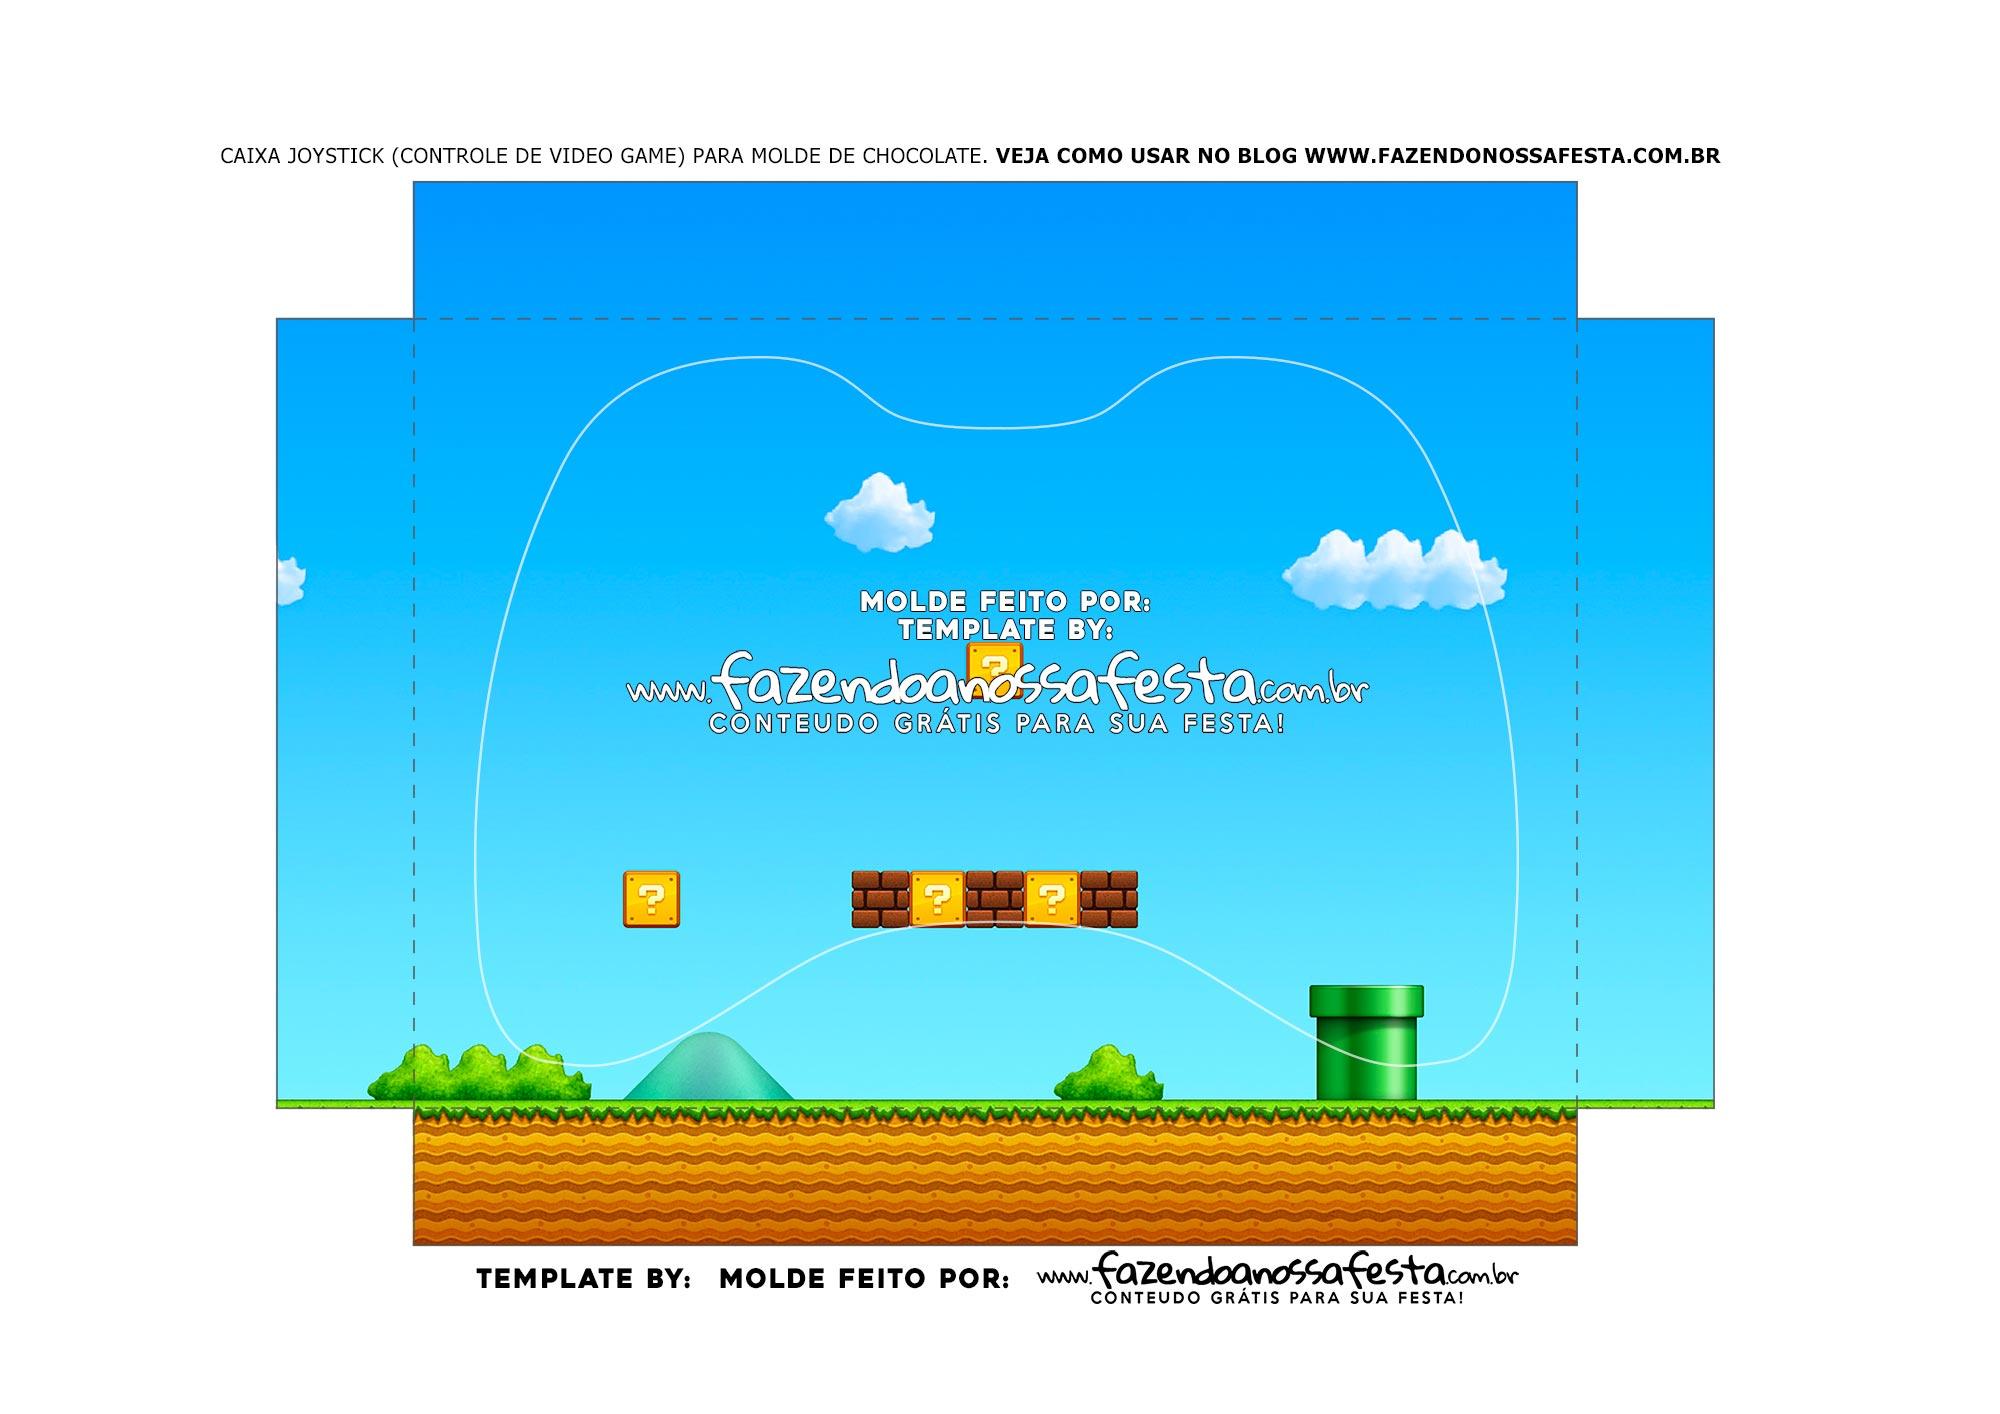 Berco Caixa Controle de Chocolate Xbox Super Mario